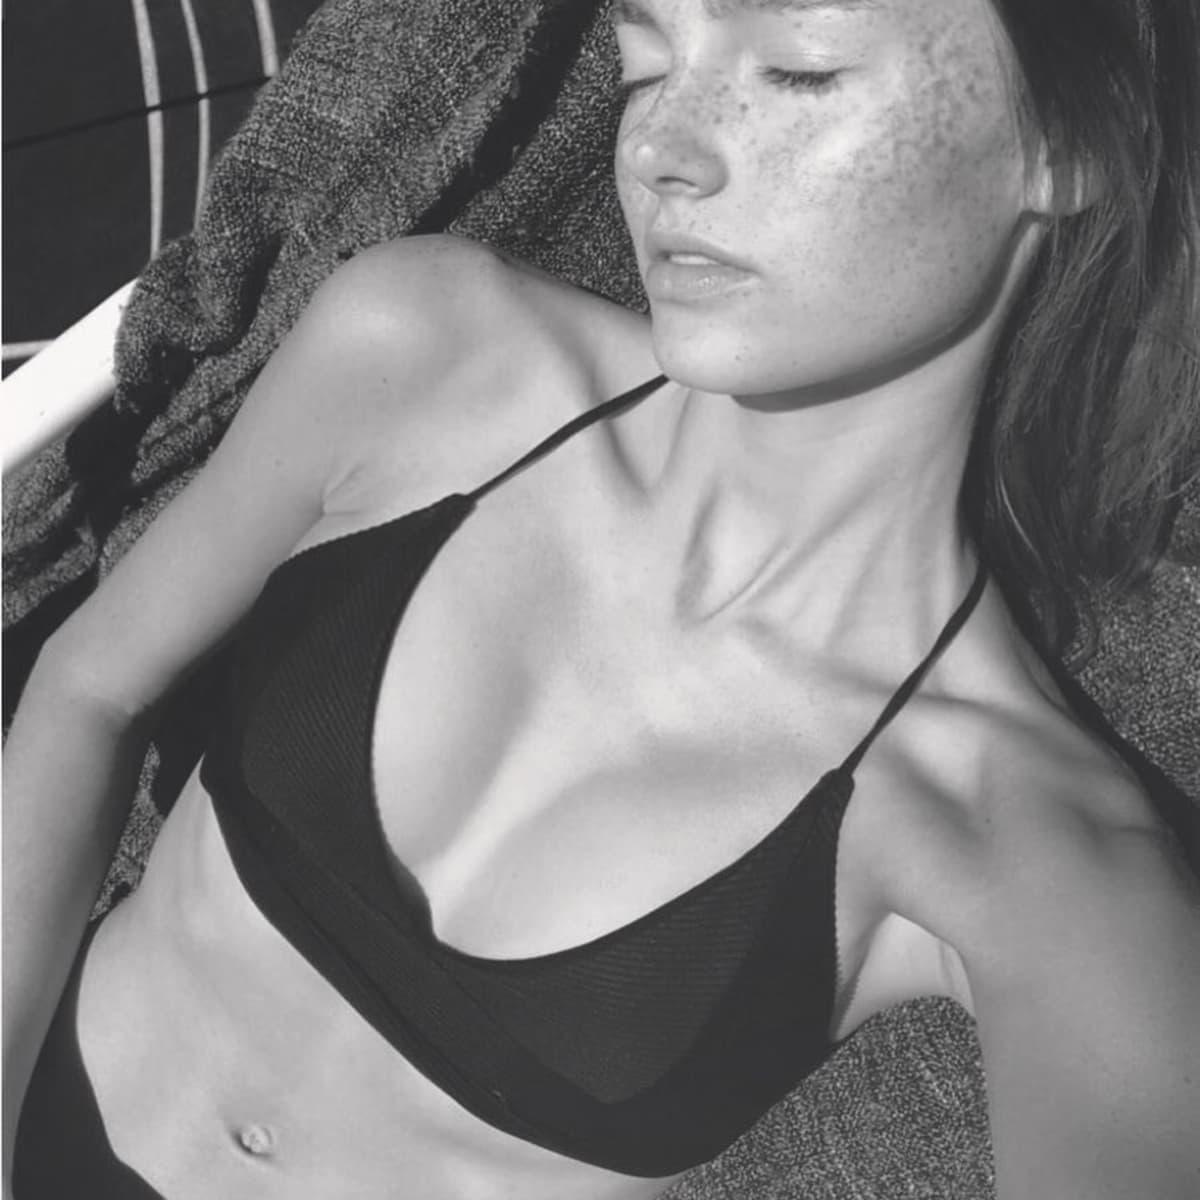 Celine bethmann bikini